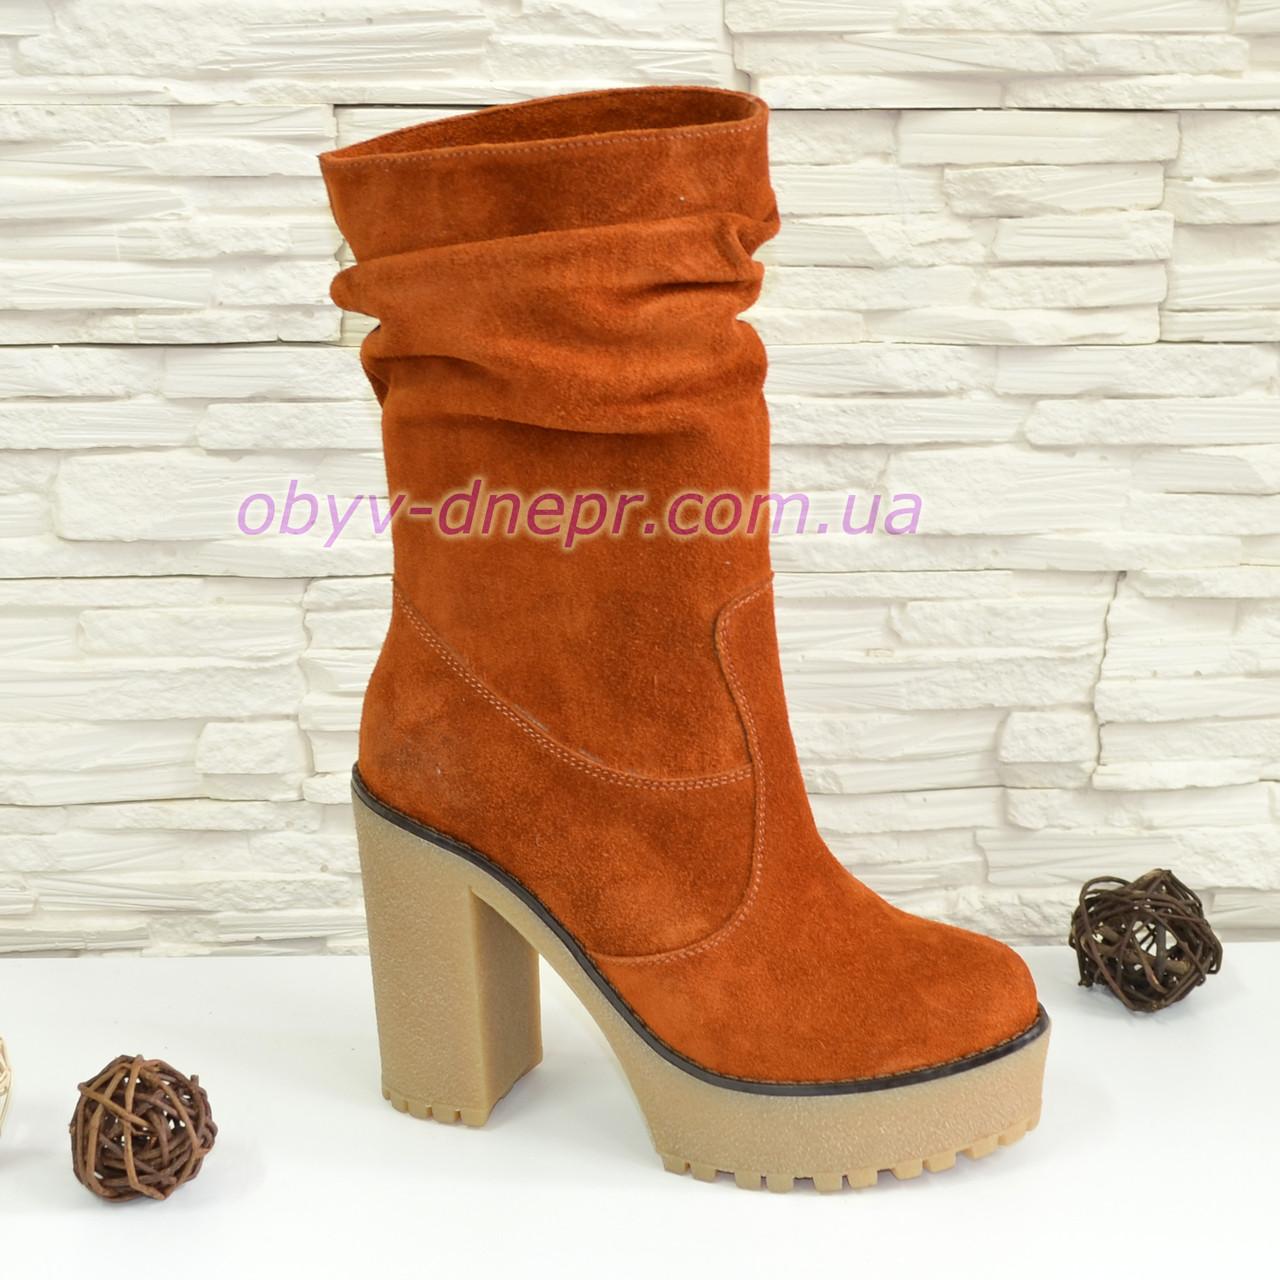 9c6e71b887d7 Ботинки замшевые зимние на высоком каблуке, цвет рыжий.: продажа, цена в  Днепре. ...